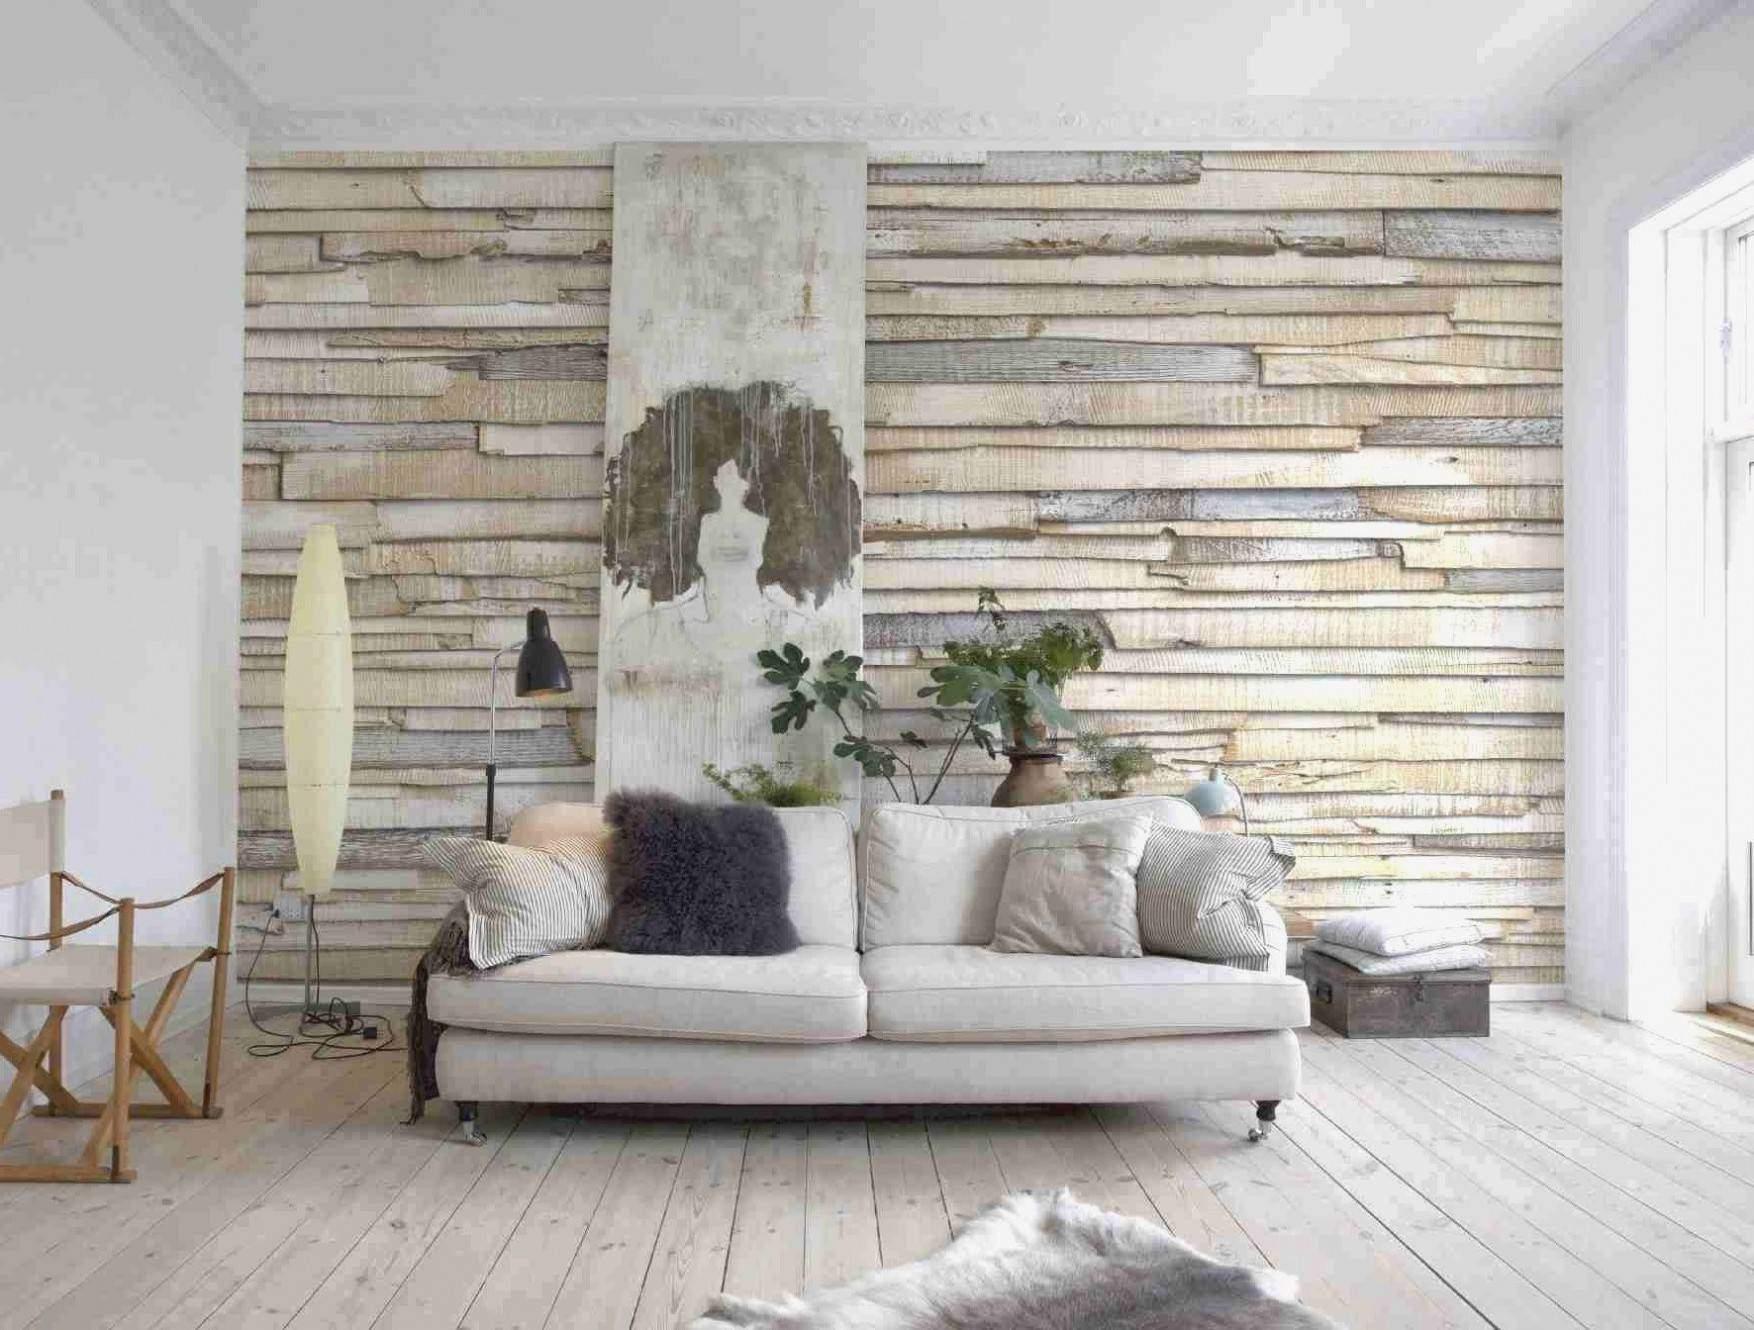 baum im wohnzimmer einzigartig luxus wohnzimmer design awesome wohnzimmer idee luxus deko of baum im wohnzimmer 1